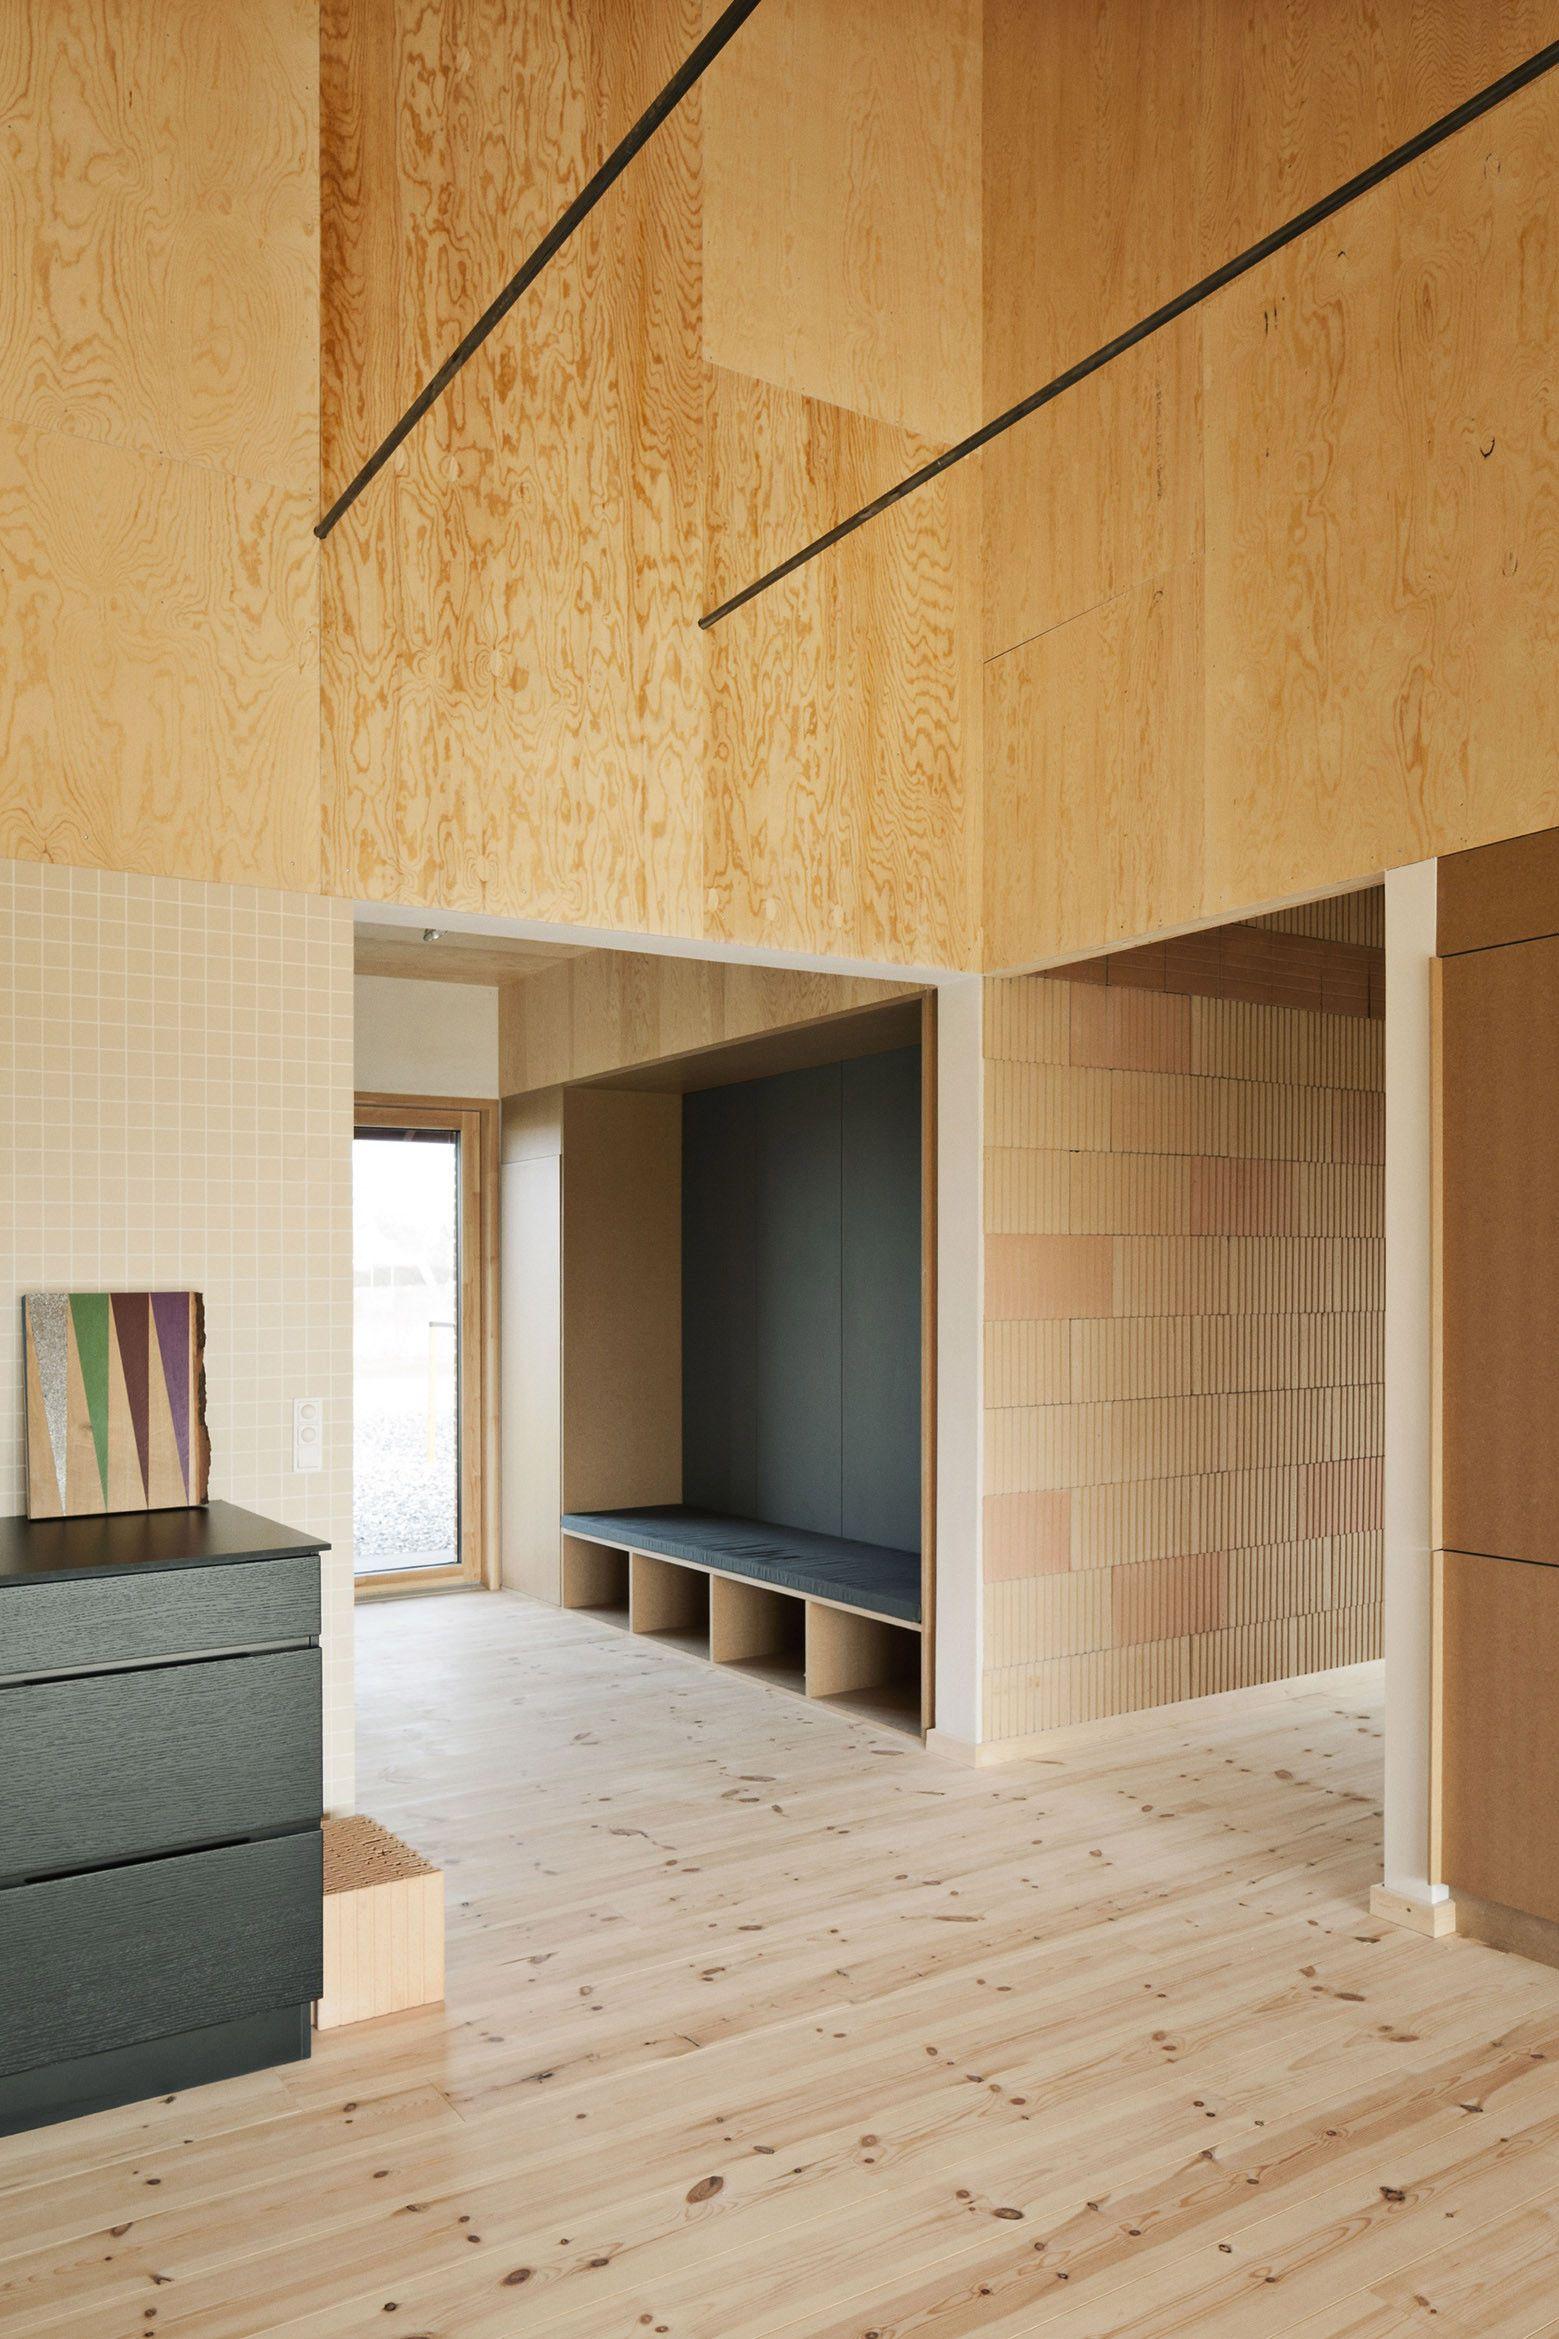 brick house stamers kontor residentile architectuur multiplex wanden houten interieur eigentijds